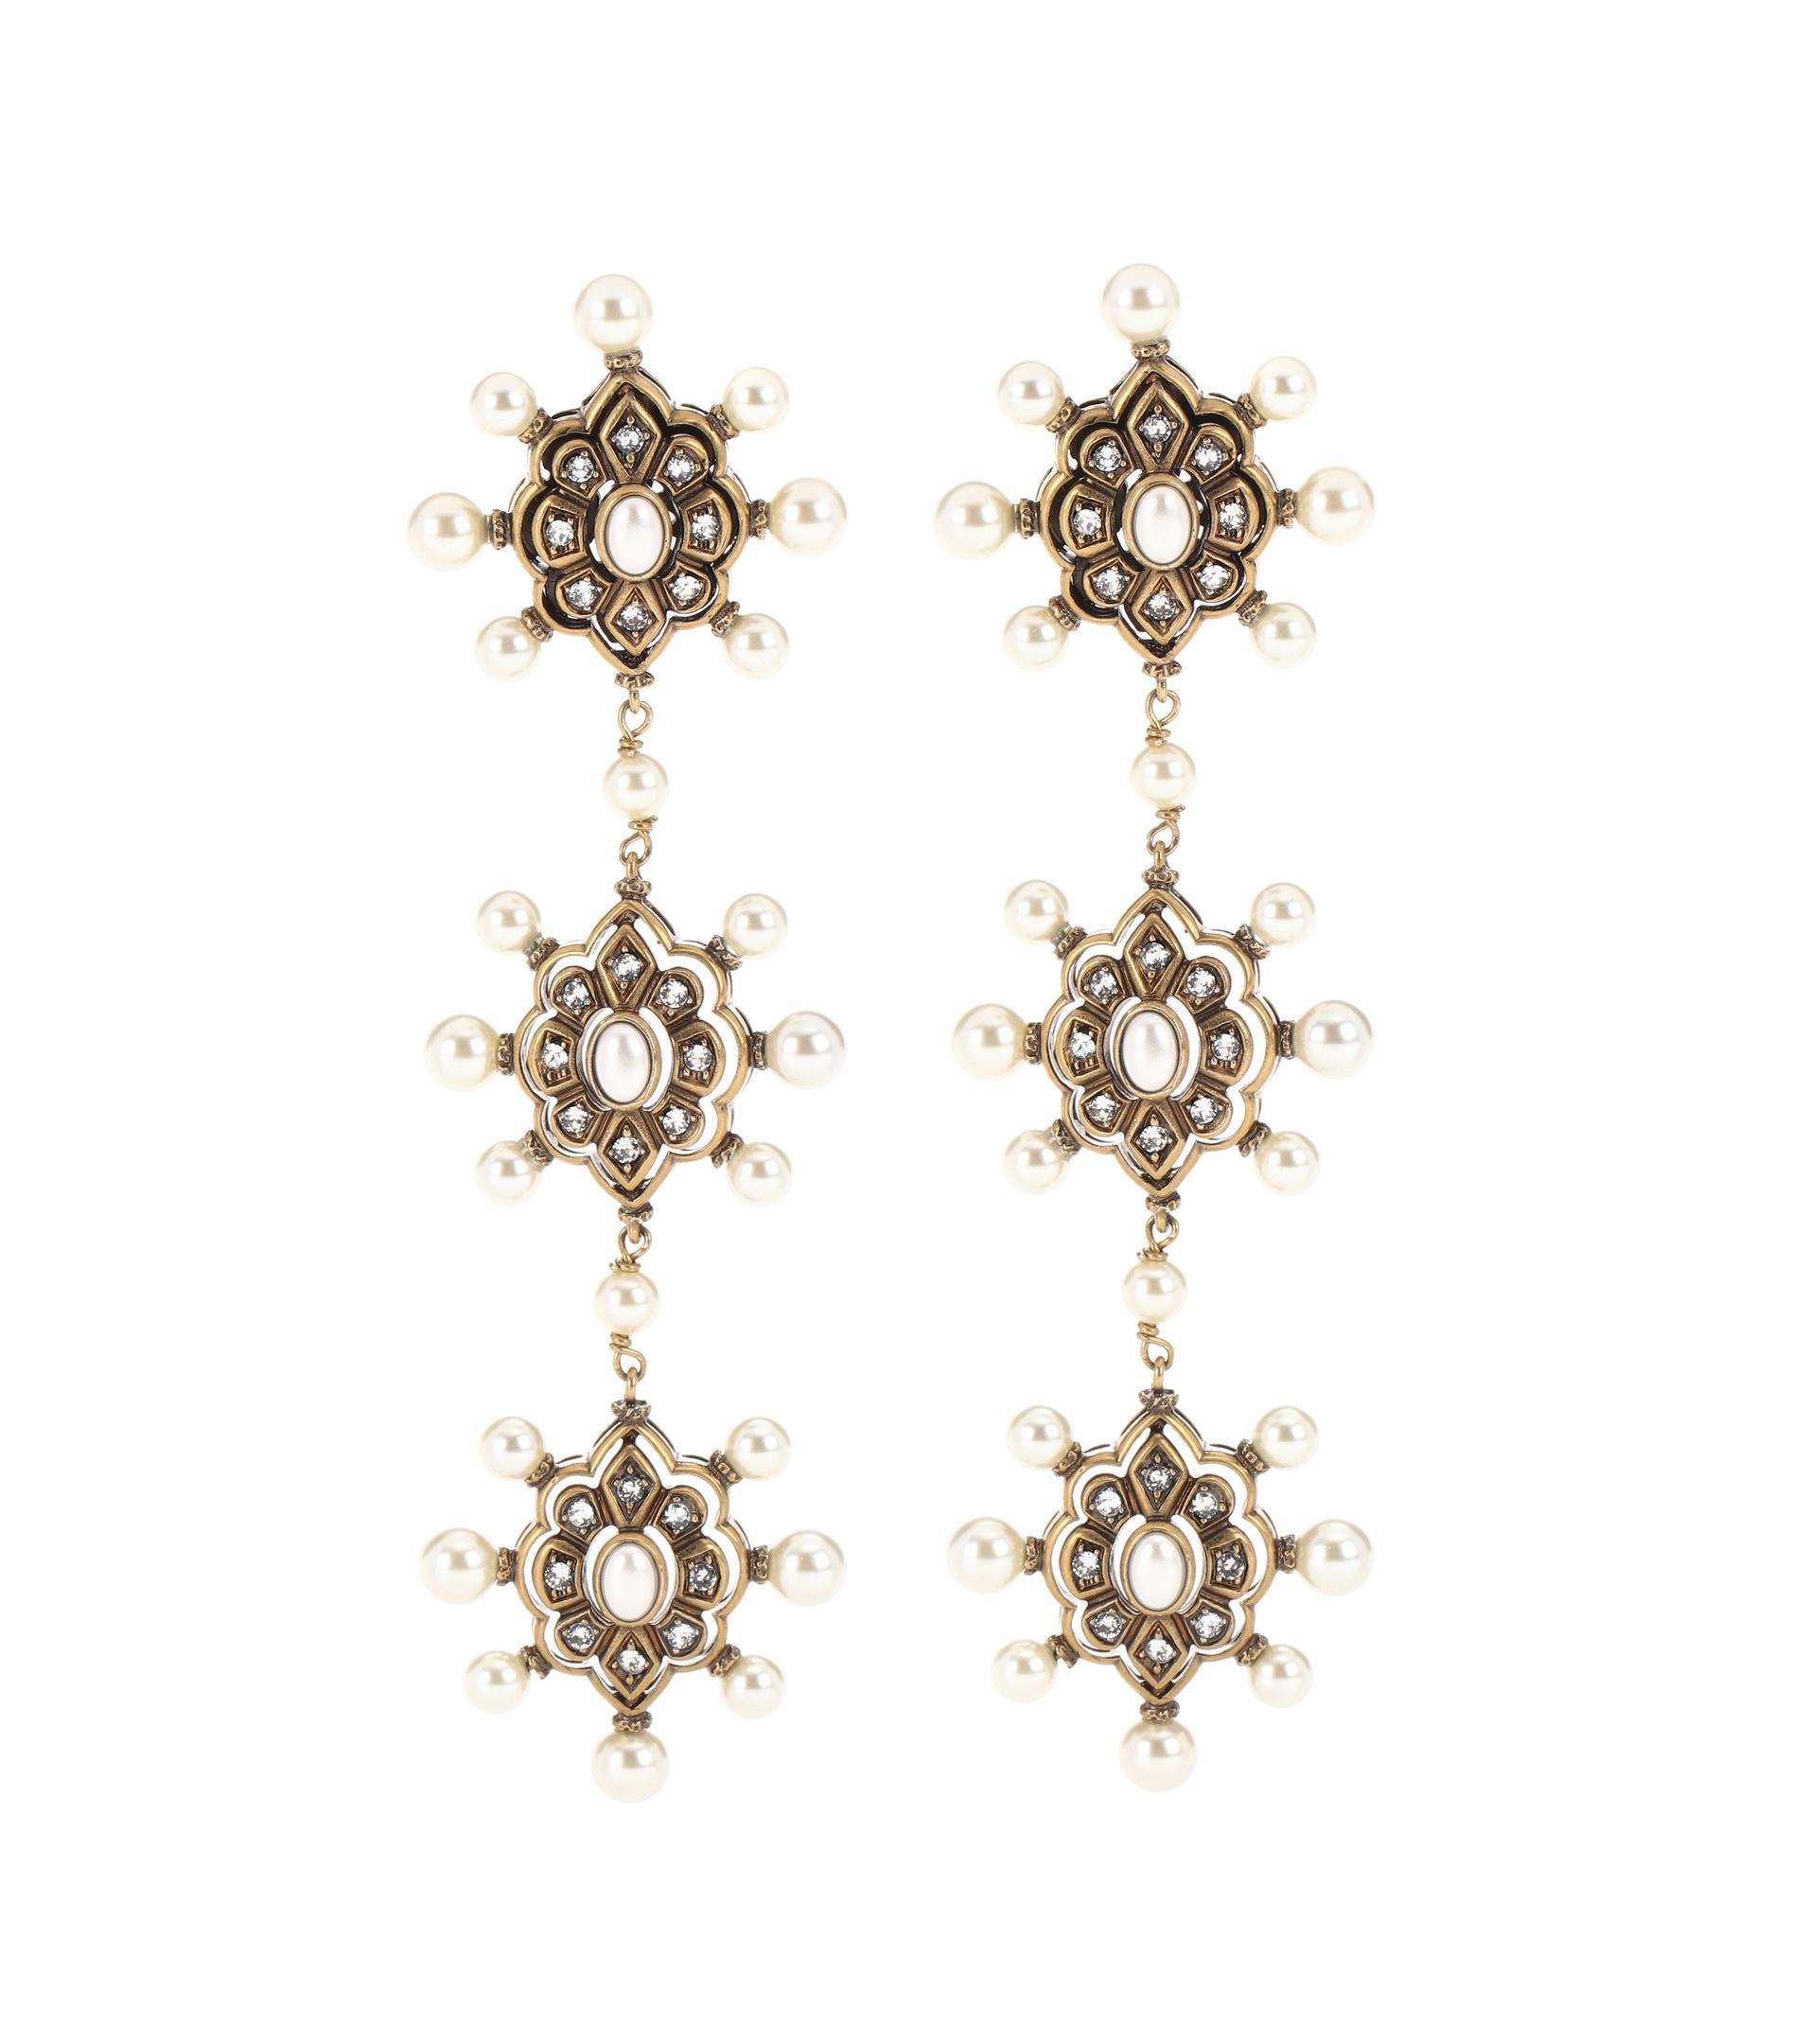 30b5193fd69 Lyst - Gucci Embellished Earrings in Metallic